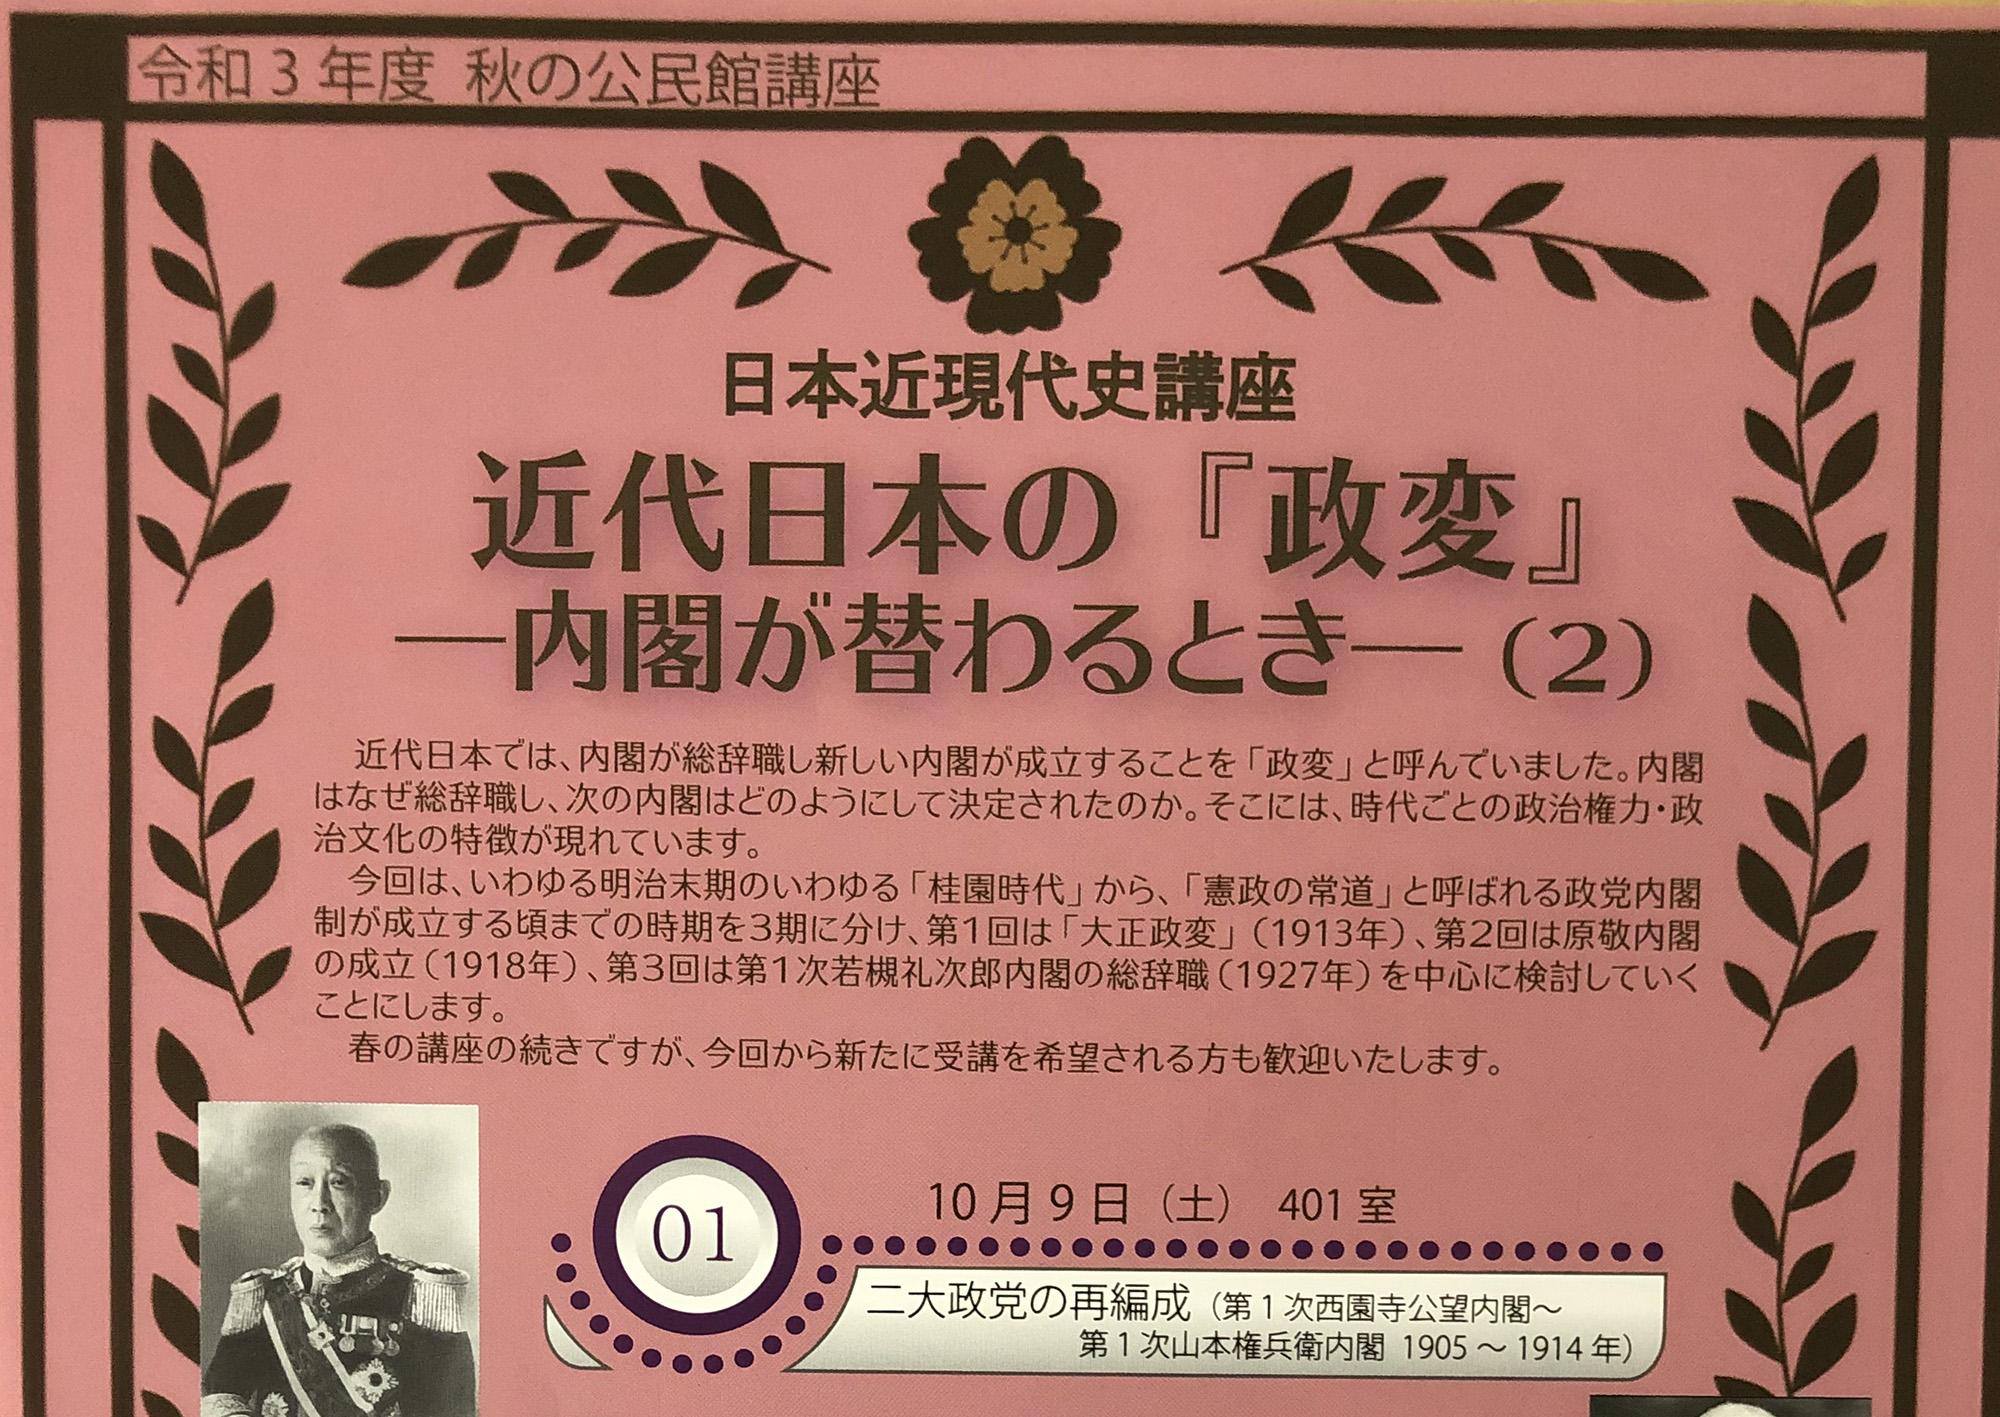 令和3年度 秋の公民館講座 近代日本の「政変」